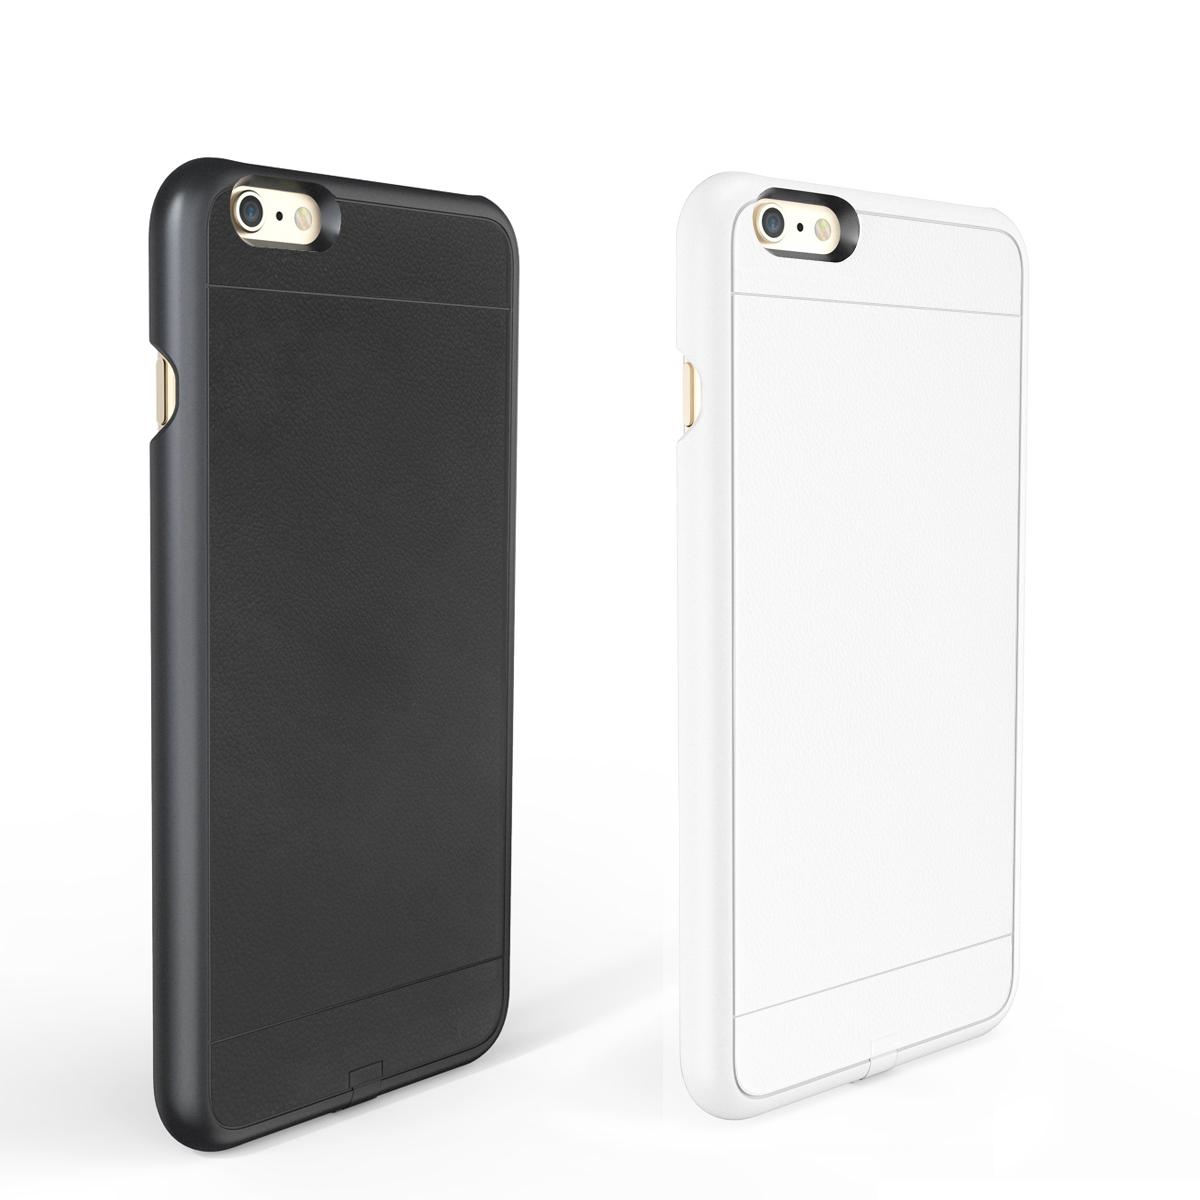 iphone 6 plus/6s plus Чехол-ресивер для Apple Iphone 6 plus - I600p 08.jpg